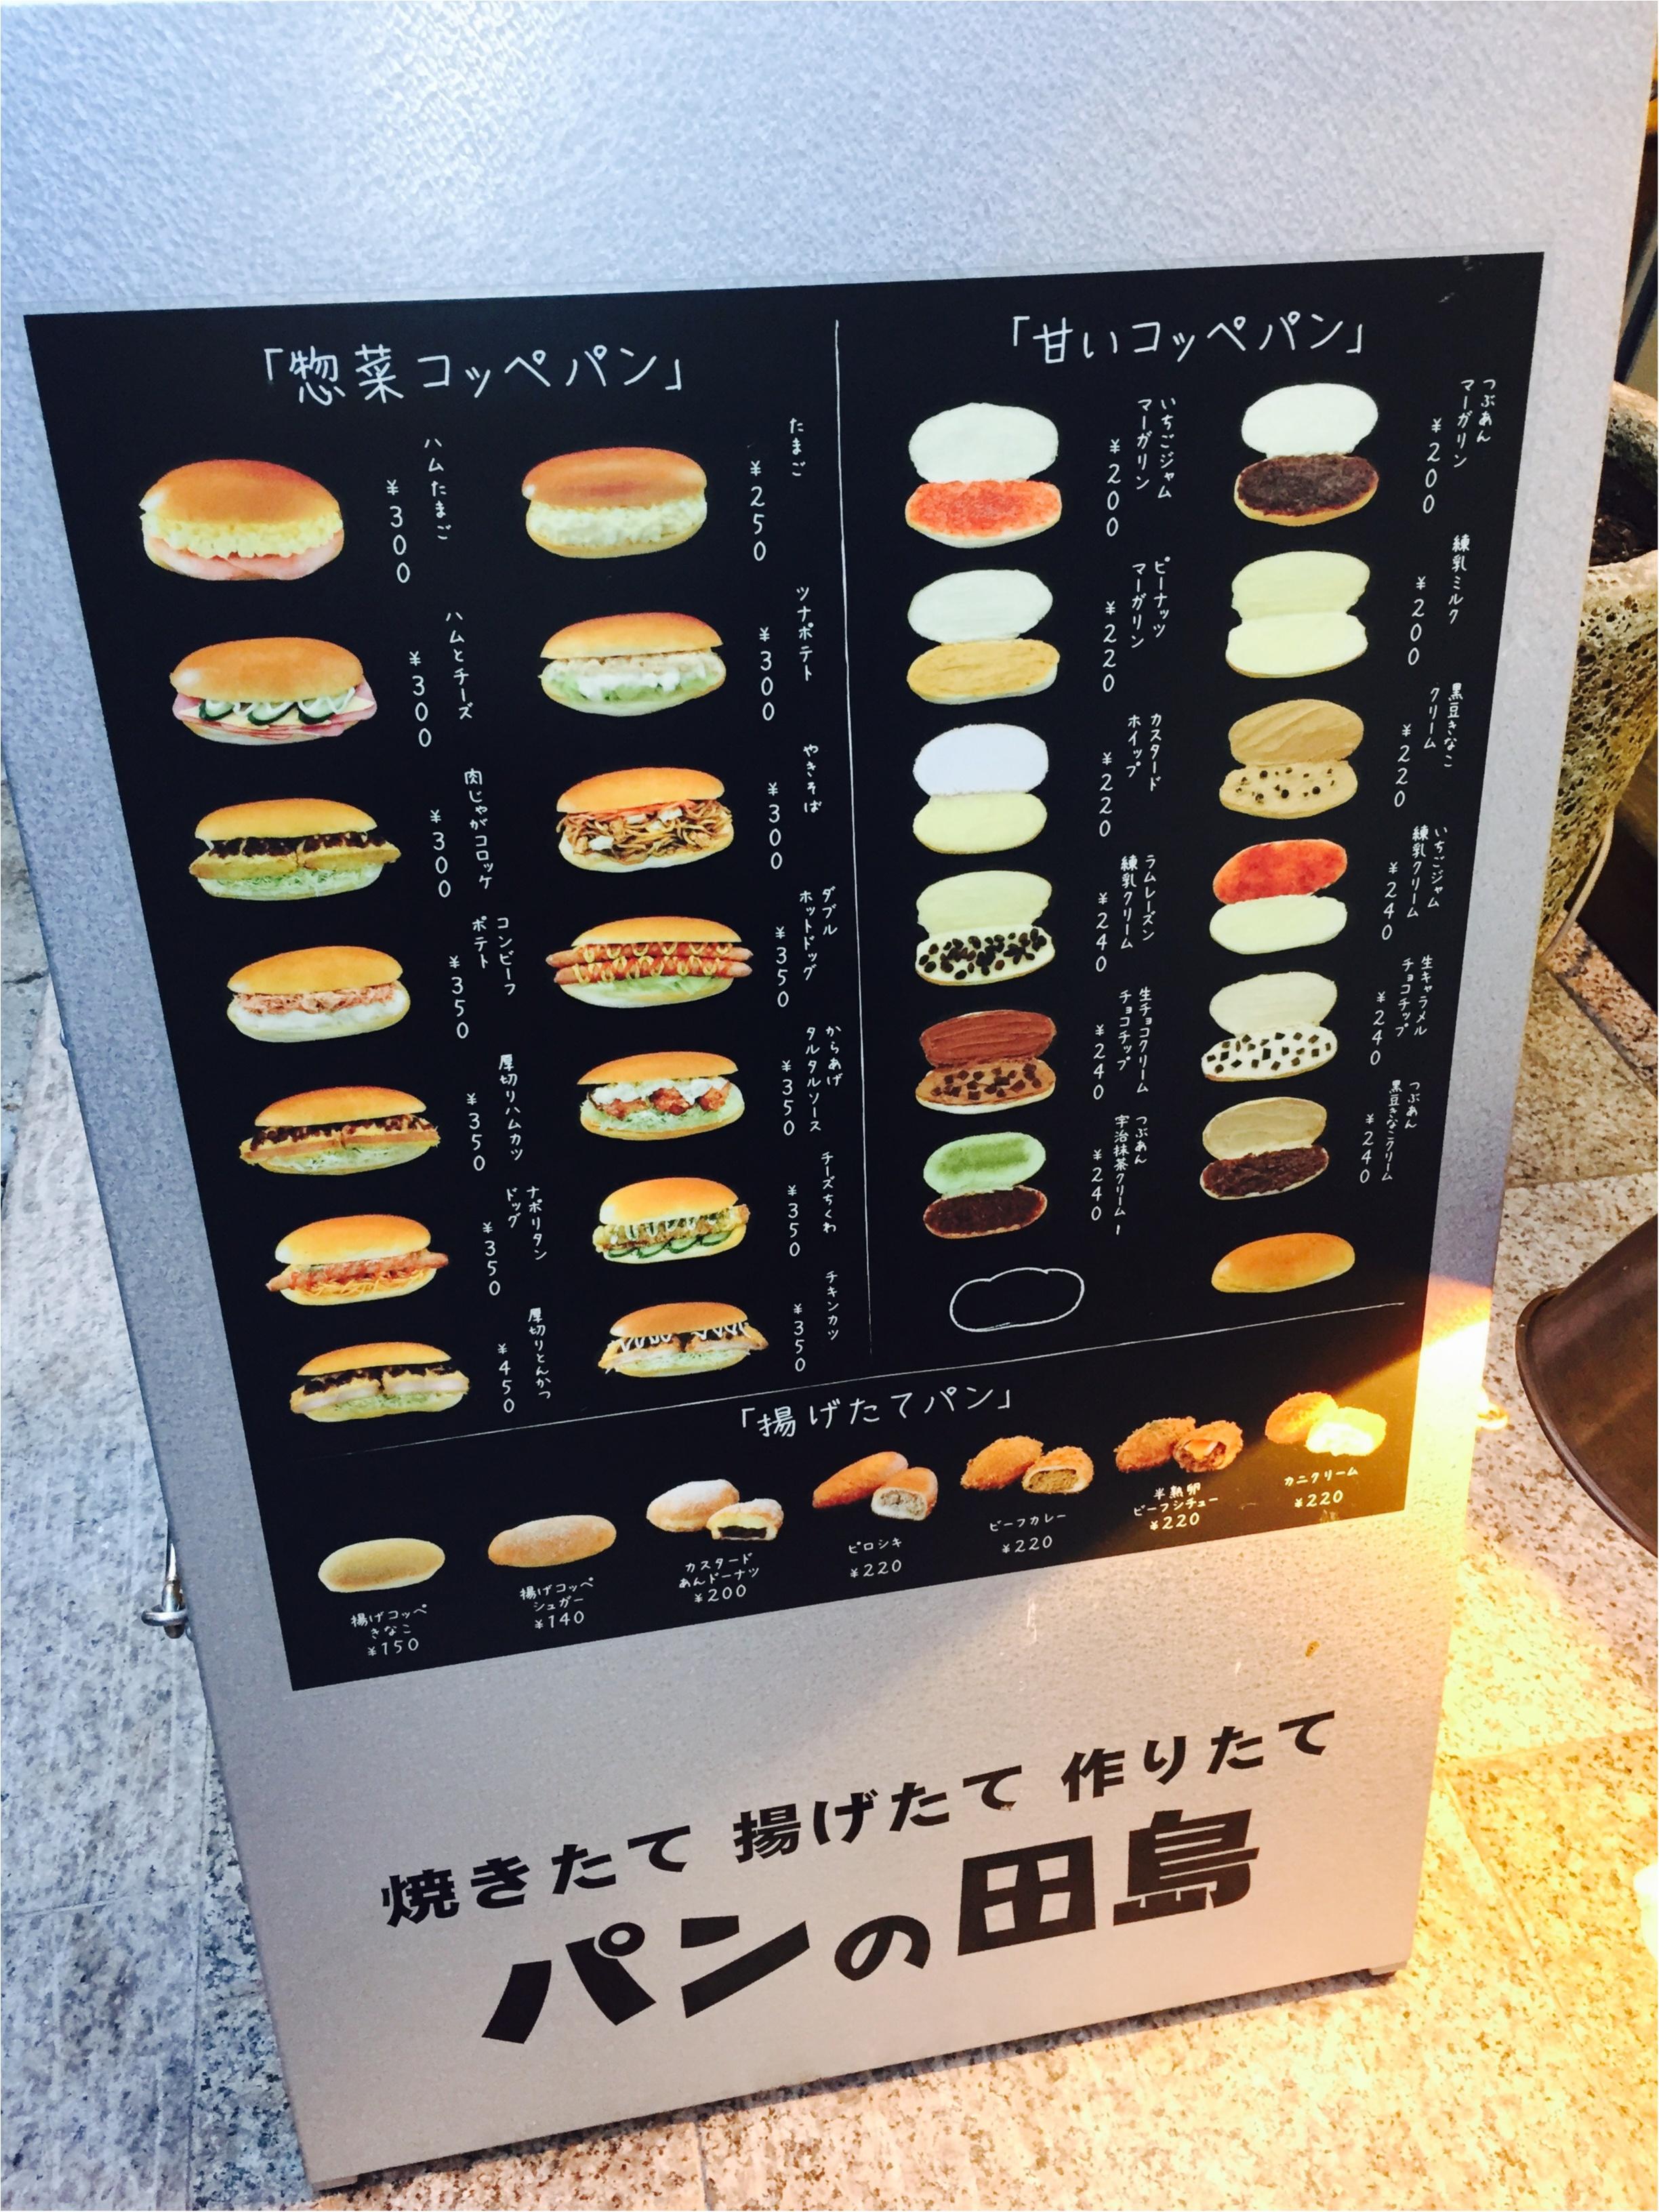 ♡パン好きの方必見!!作りたてが食べれるコッペパン専門店とは??♡_2